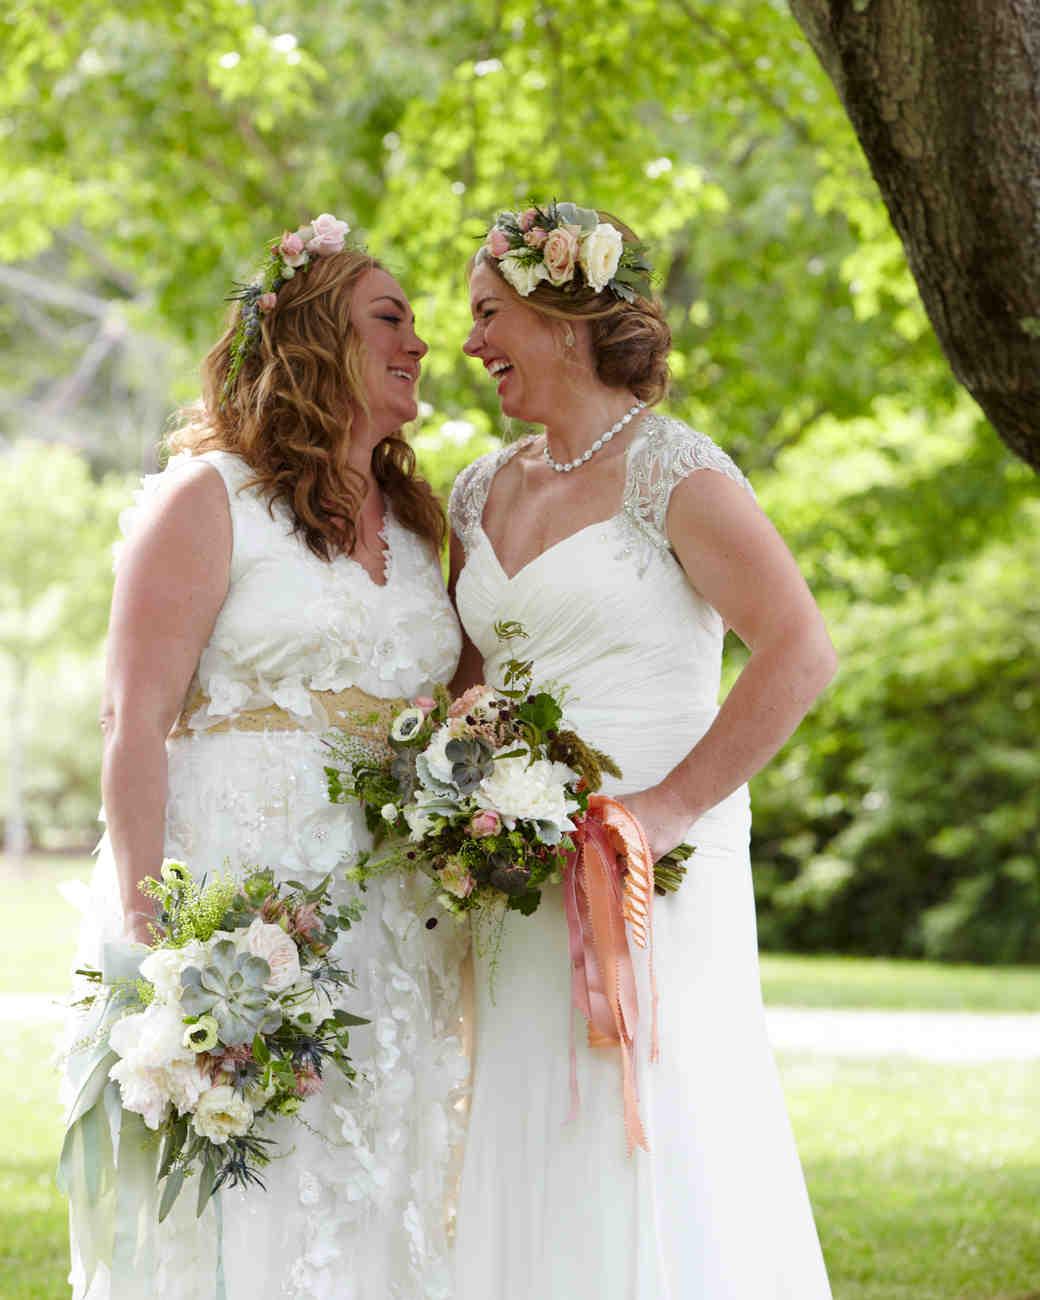 couple-brides-054-d111381.jpg